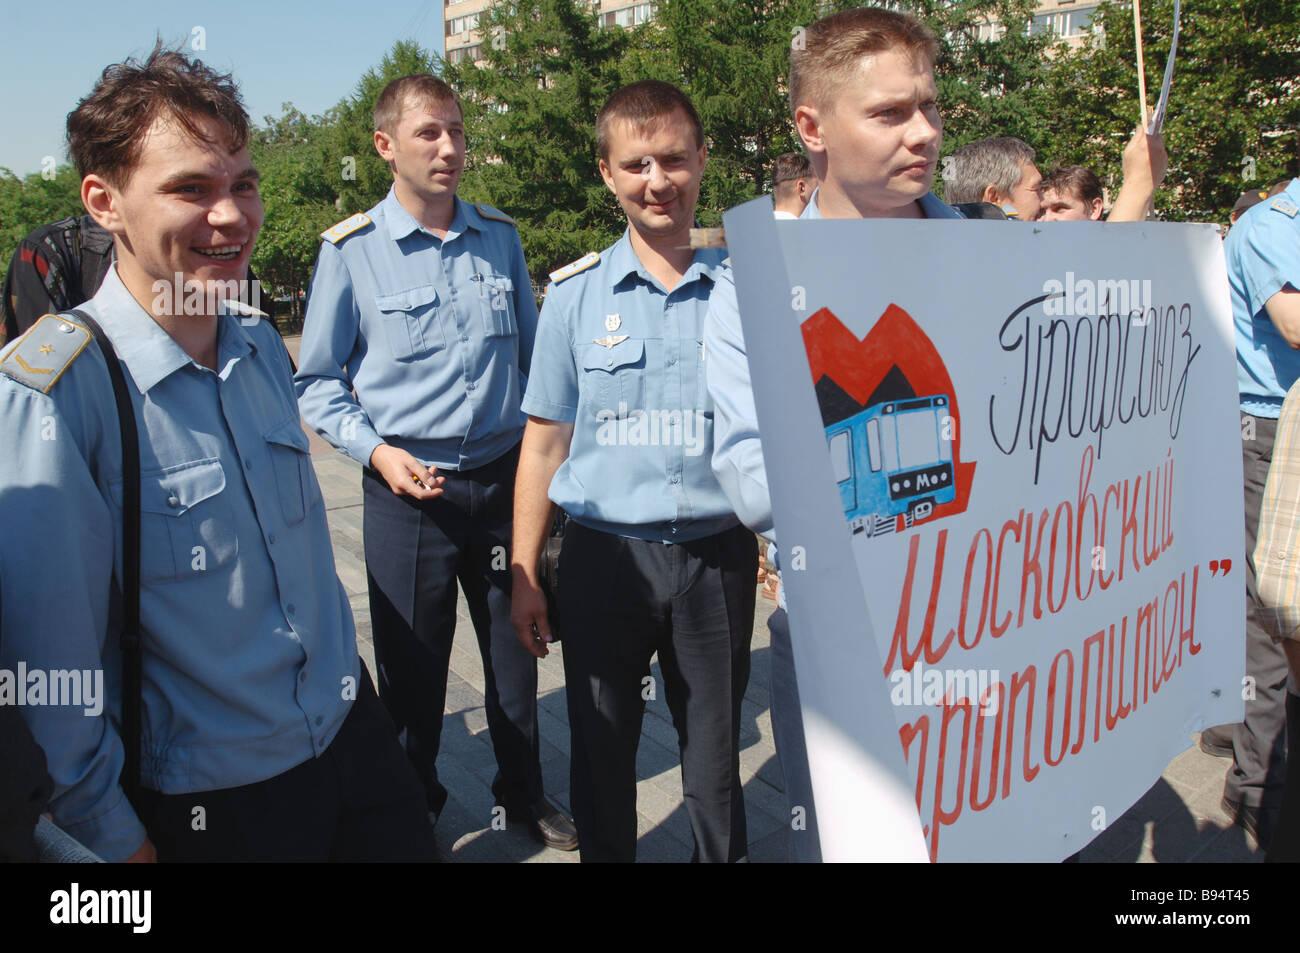 Piquete de los GUP Metro de Moscú exigiendo mayores salarios y mejores condiciones de trabajo y una mayor seguridad para los pasajeros Foto de stock